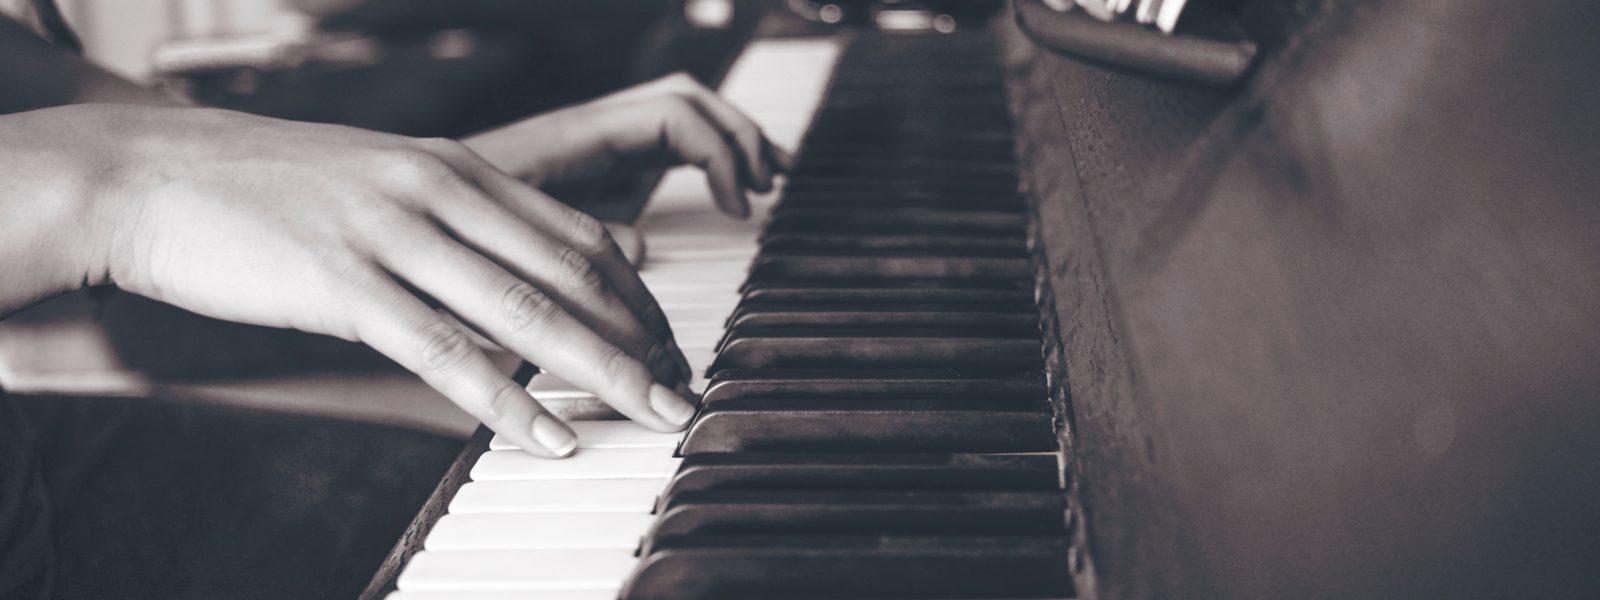 5 Conseils pour apprendre le piano efficacement